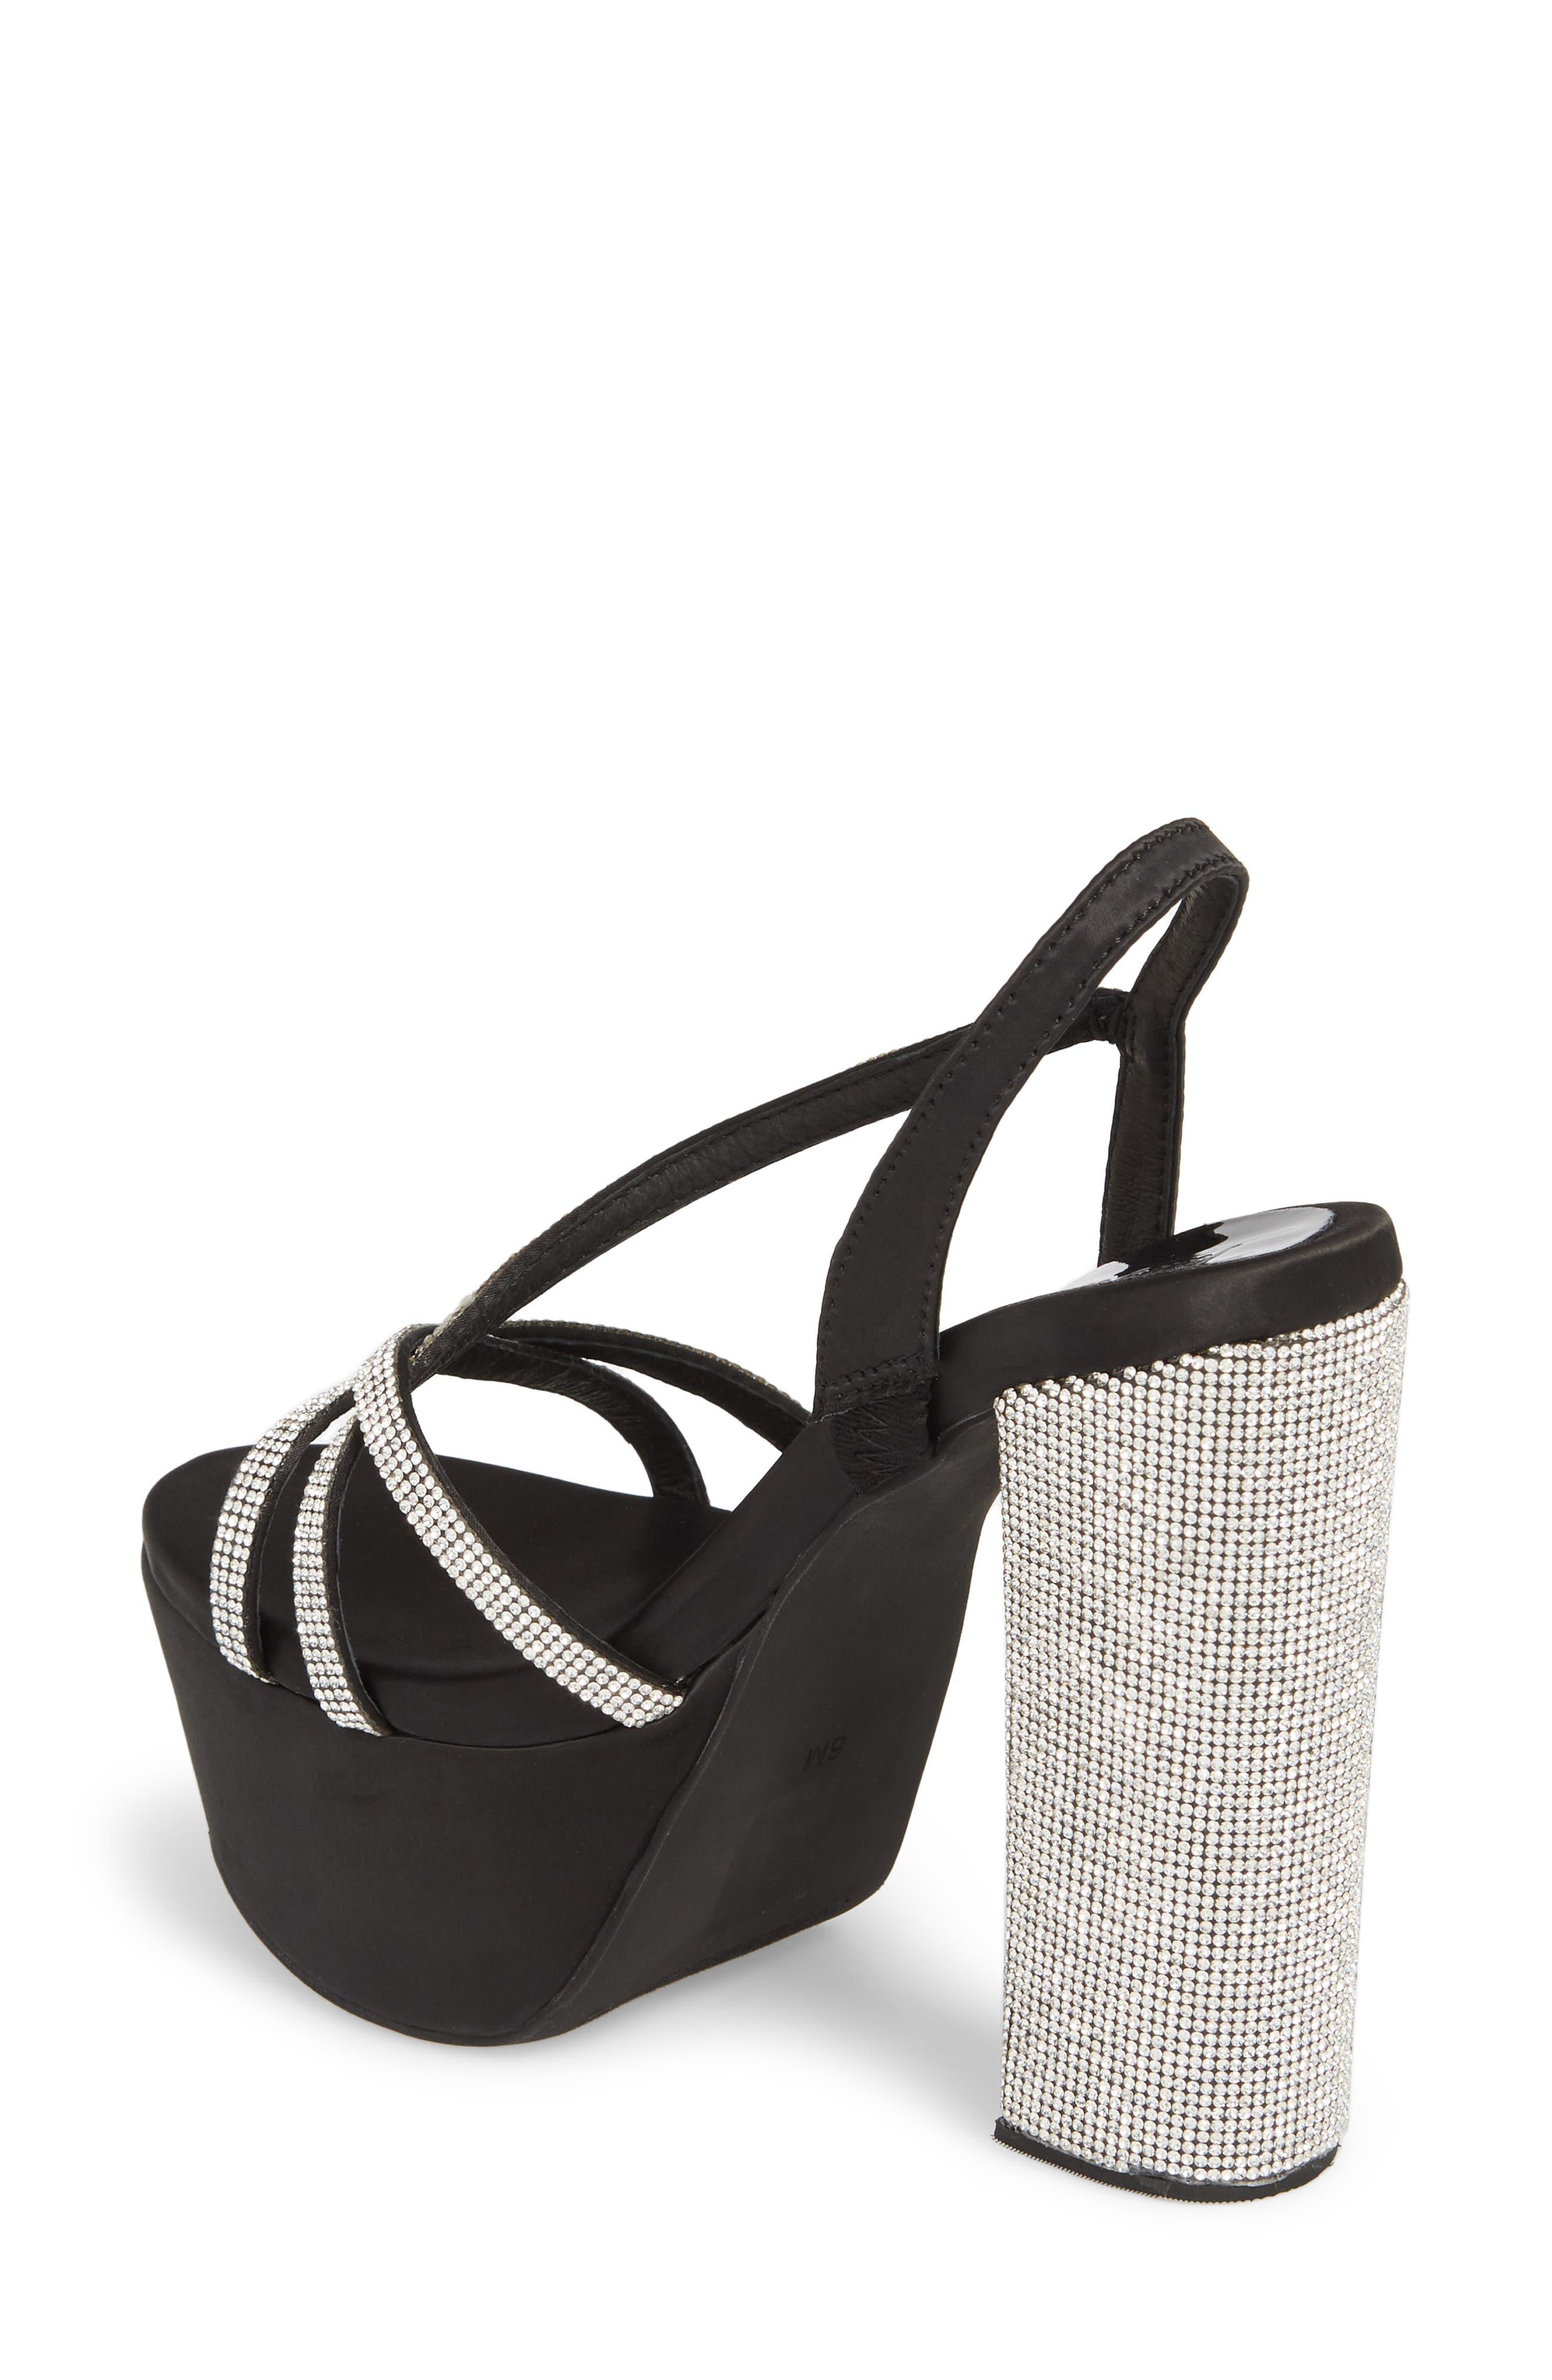 Upset Embellished Platform Sandal,                             Alternate thumbnail 2, color,                             Black Satin/ Silver